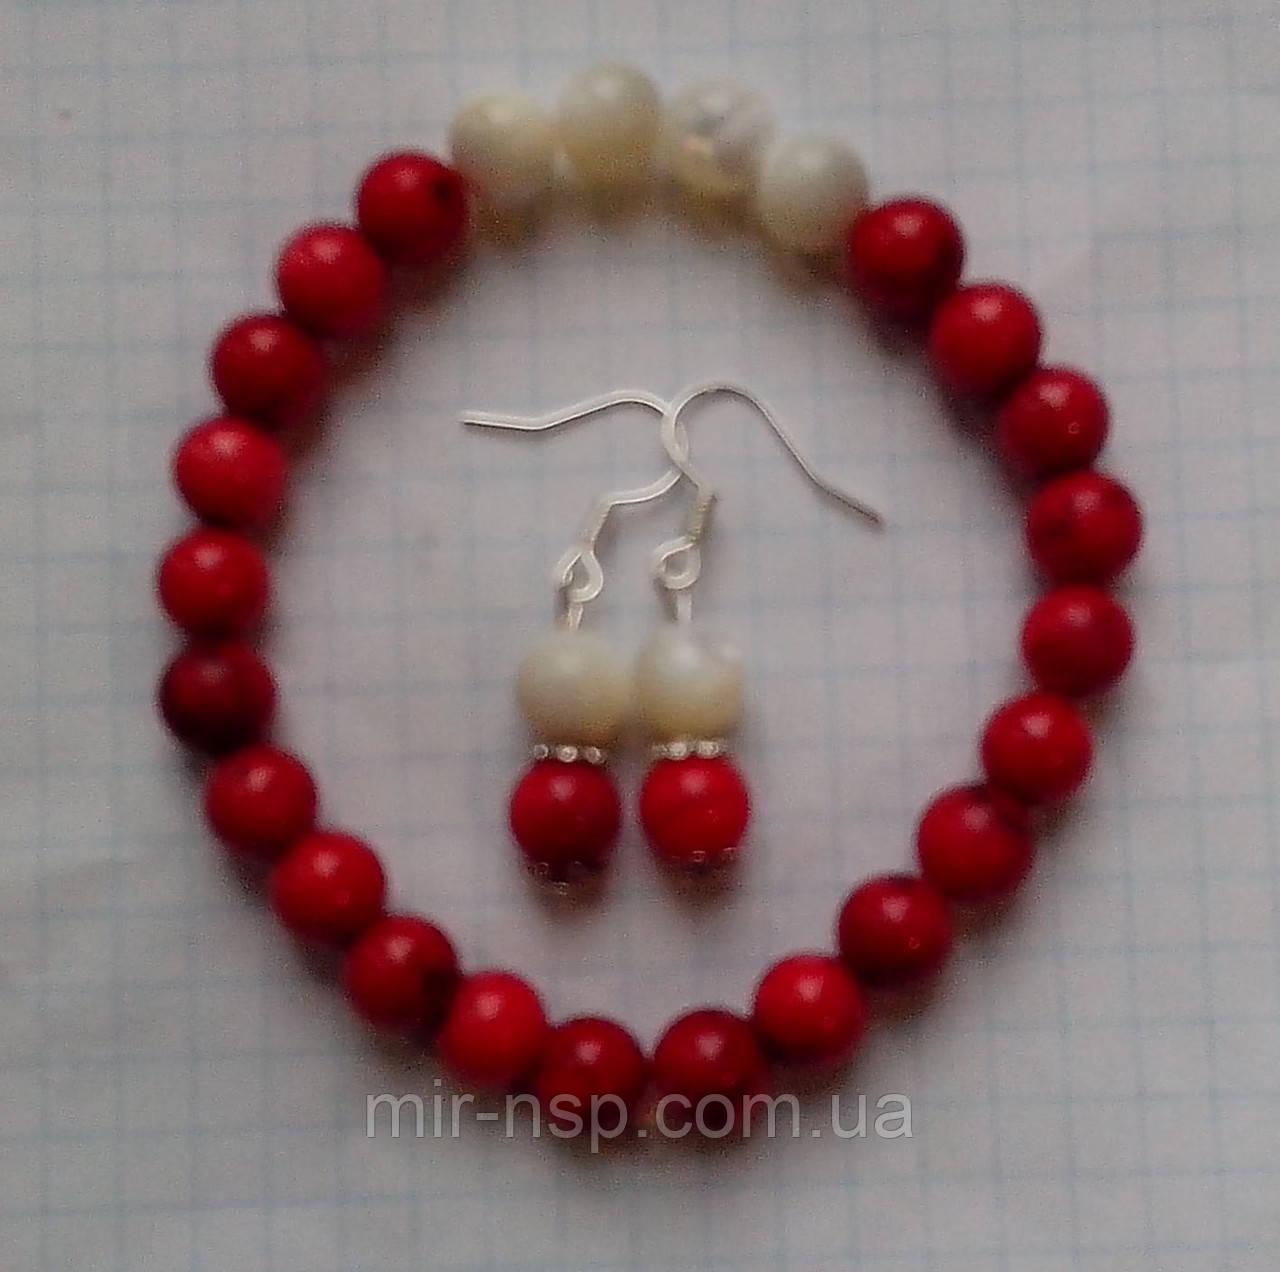 Набор браслет и серьги натуральные коралл и перламутр 8 мм